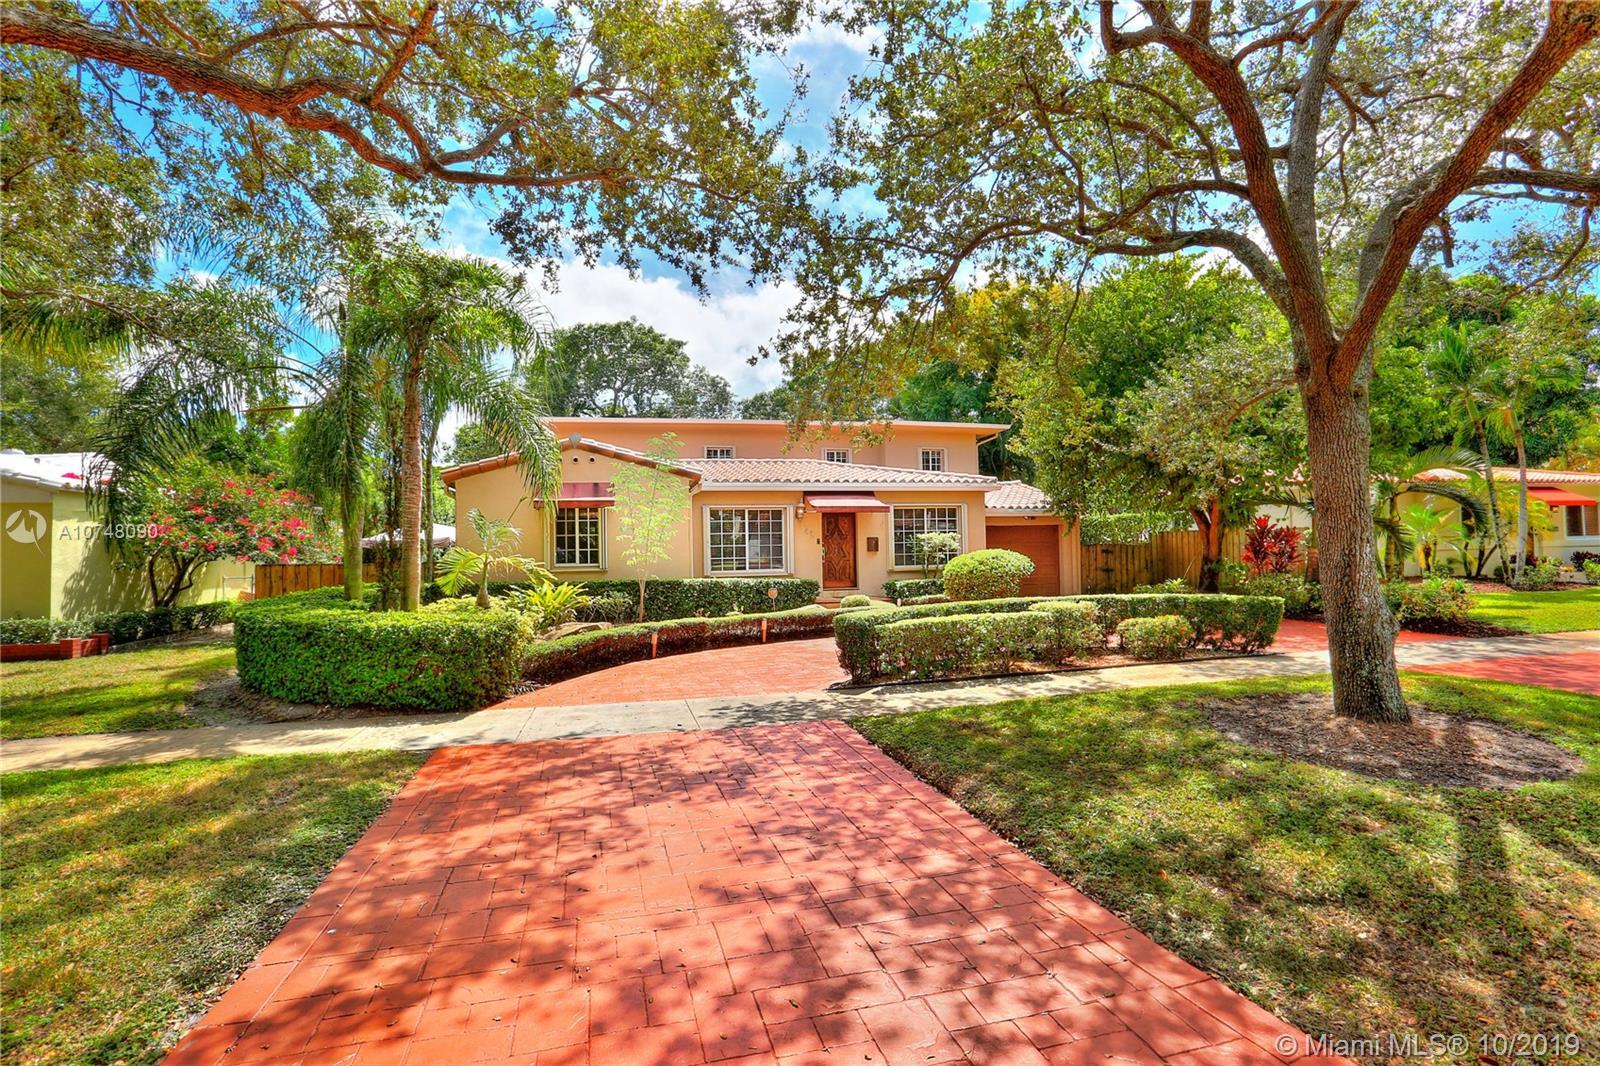 42 NW 107th St, Miami Shores, FL 33168